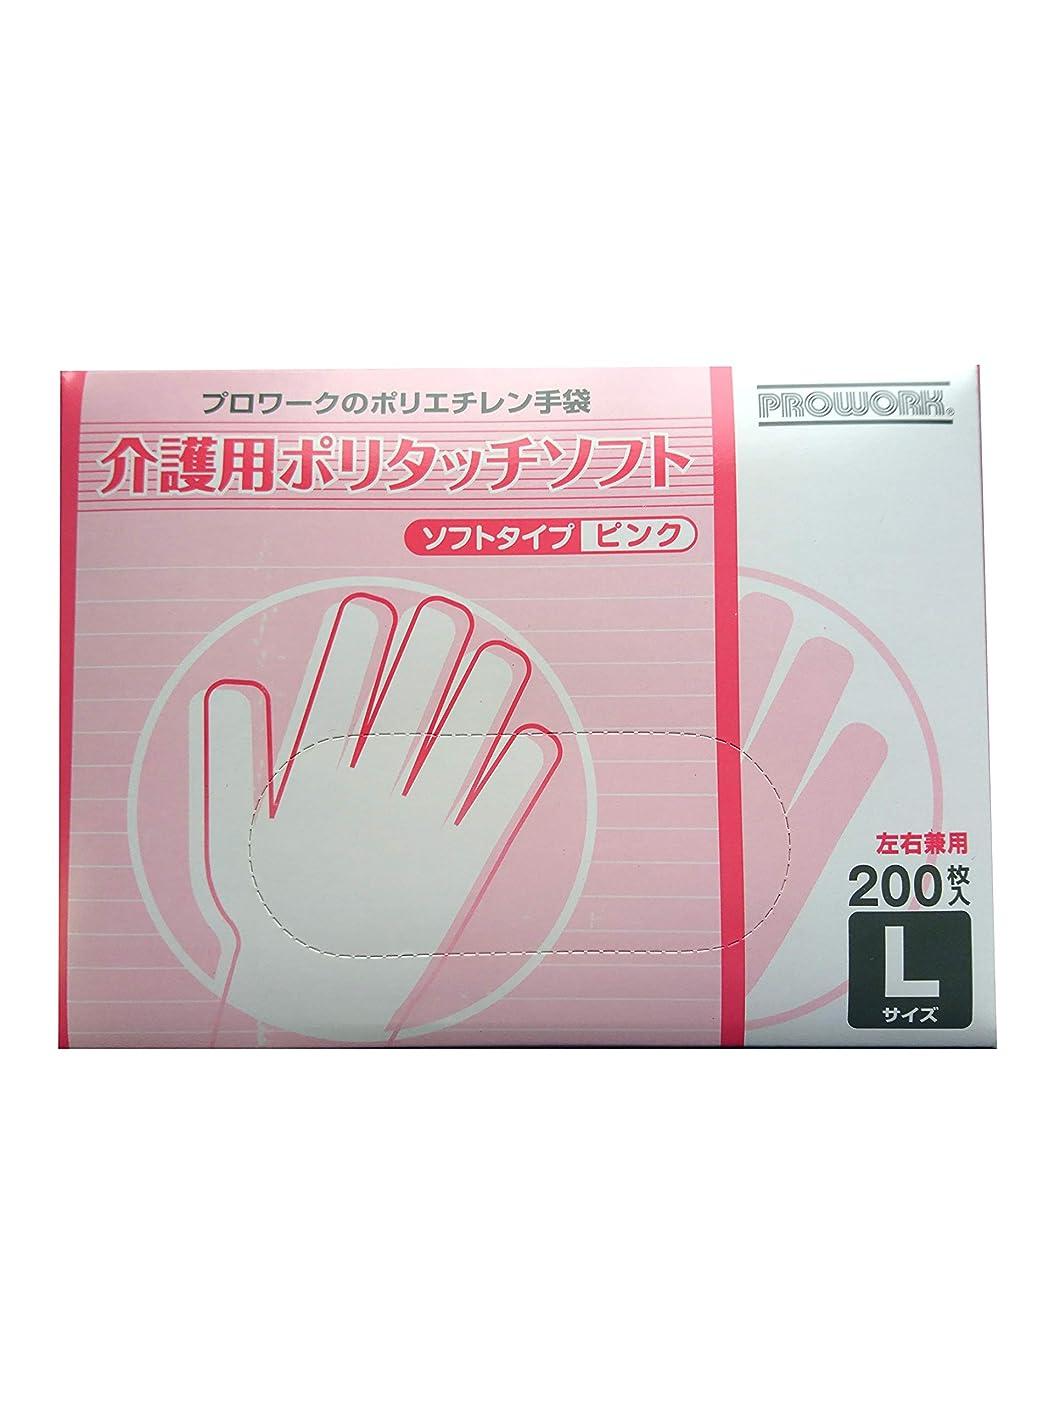 怠感マンハッタン防水介護用ポリタッチソフト手袋 ピンク Lサイズ 左右兼用200枚入